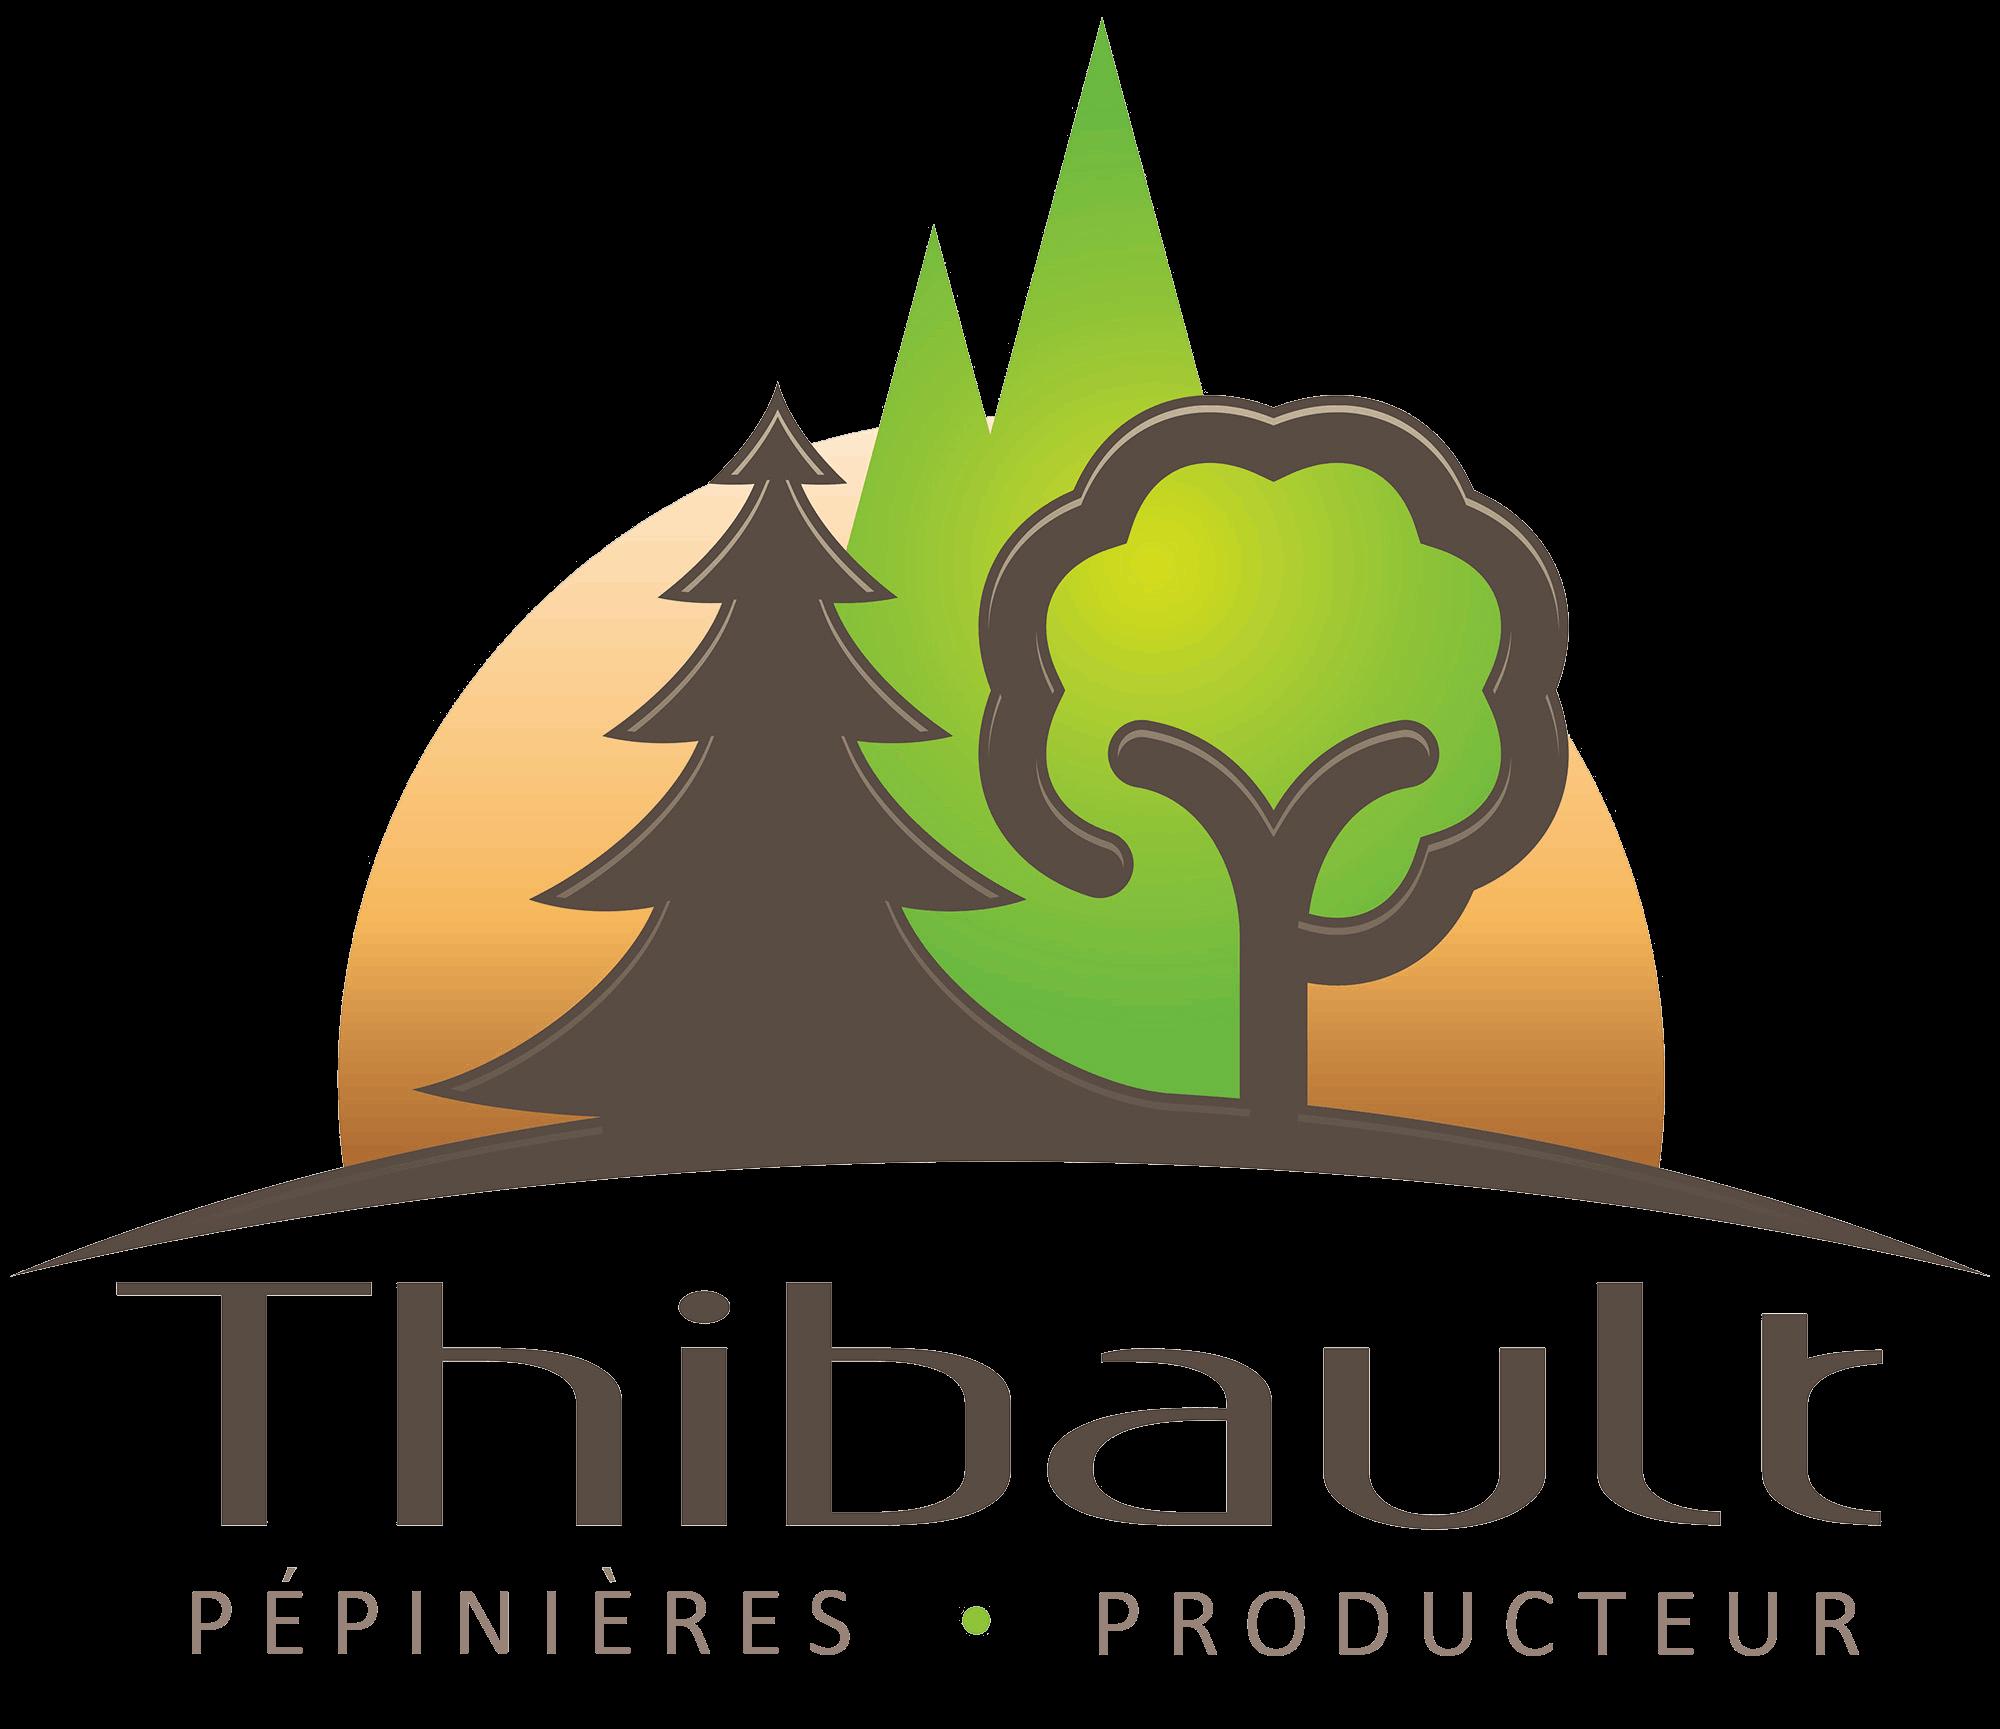 Pépinières Thibault